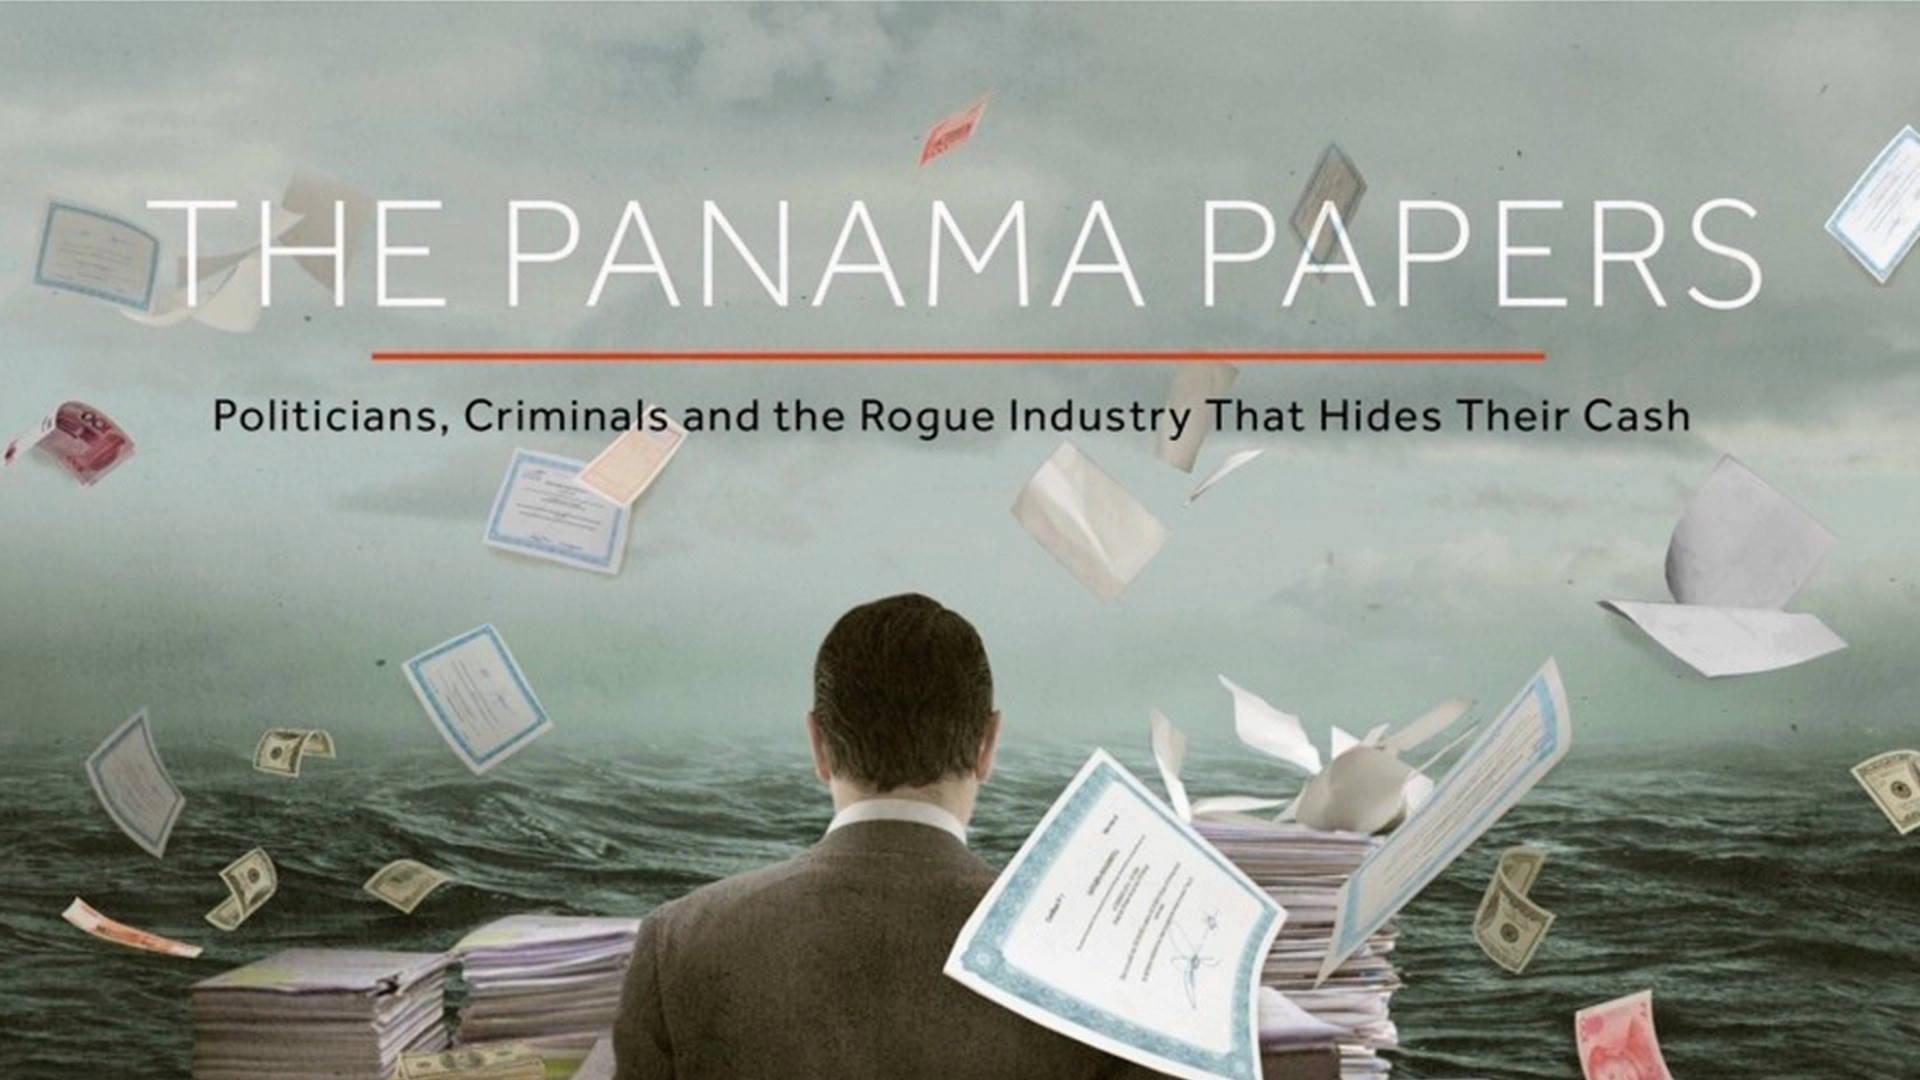 Los Papeles De Panamá: ¡Detalle A Detalle! Todo Lo Que Necesitas Saber Del MEGA Escándalo Que Ha Sacudido Al Mundo